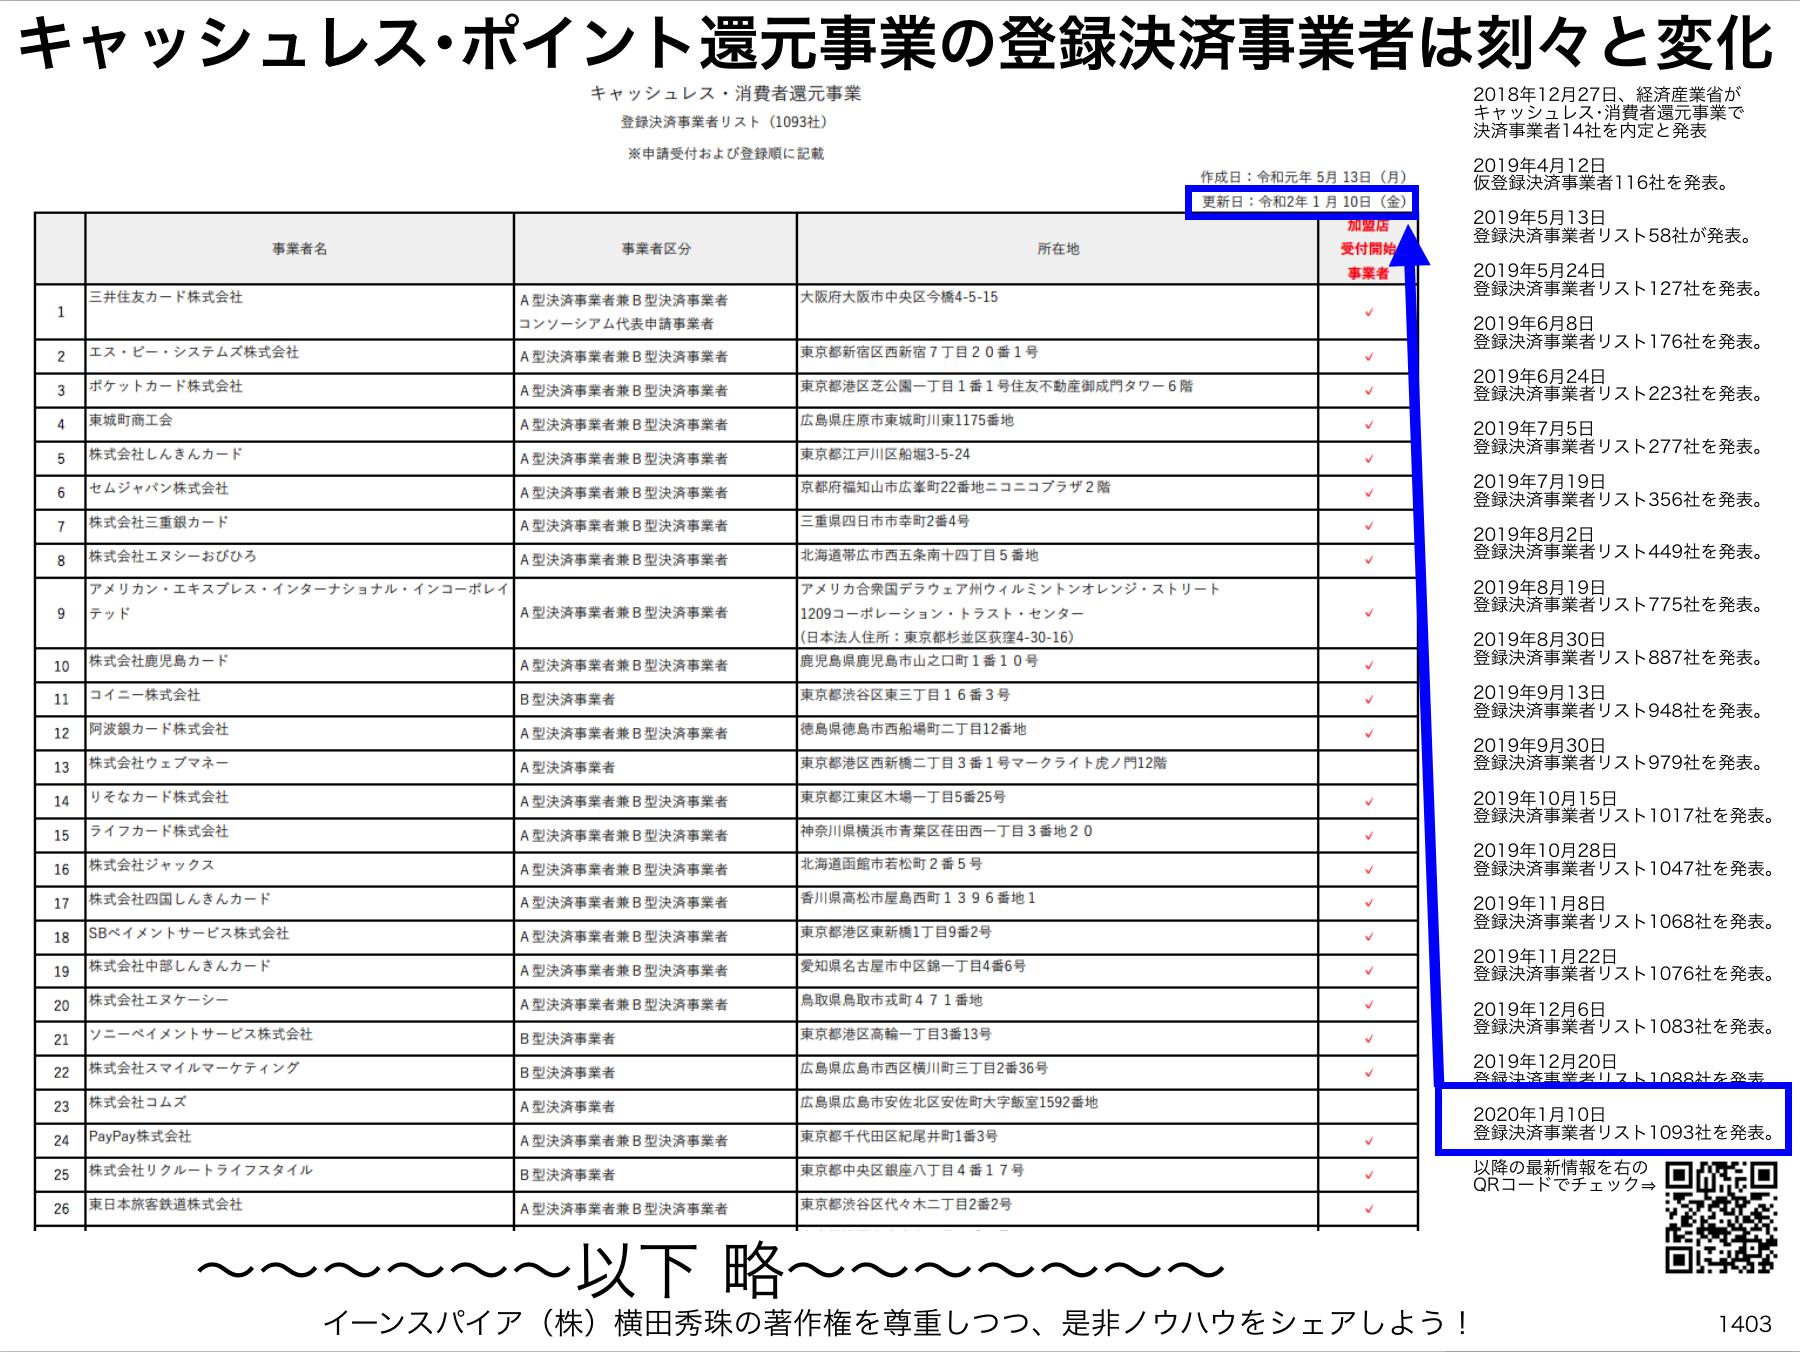 キャッシュレス・消費者還元事業 登録決済事業者リスト1093社